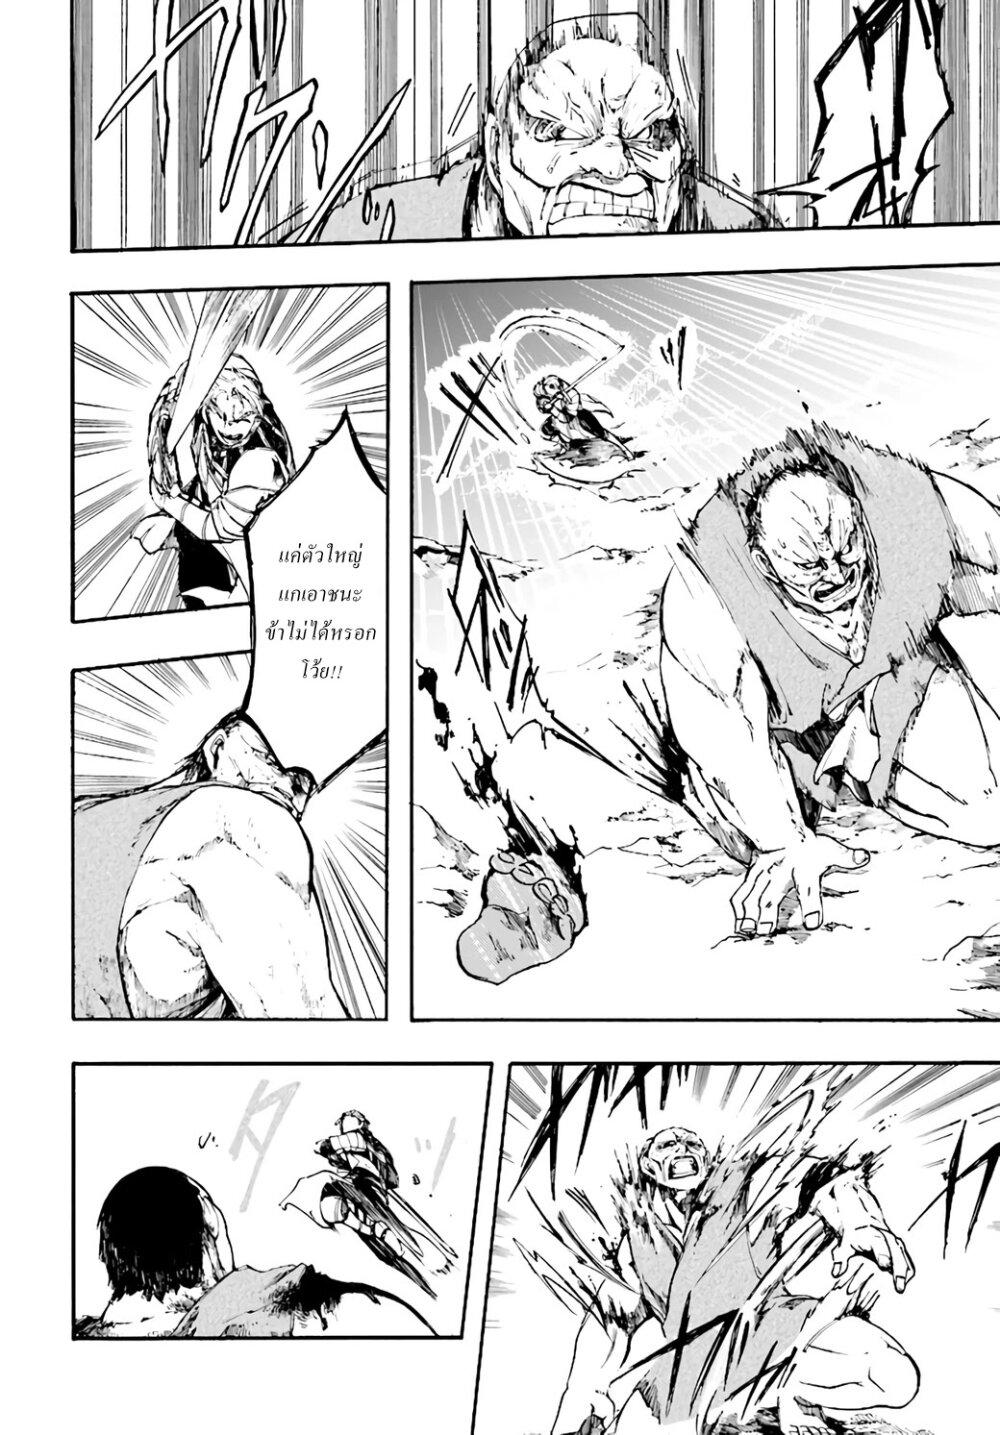 อ่านการ์ตูน Isekai Apocalypse MYNOGHRA ~The Conquest of the World Starts With the Civilization of Ruin~ ตอนที่ 6 หน้าที่ 29